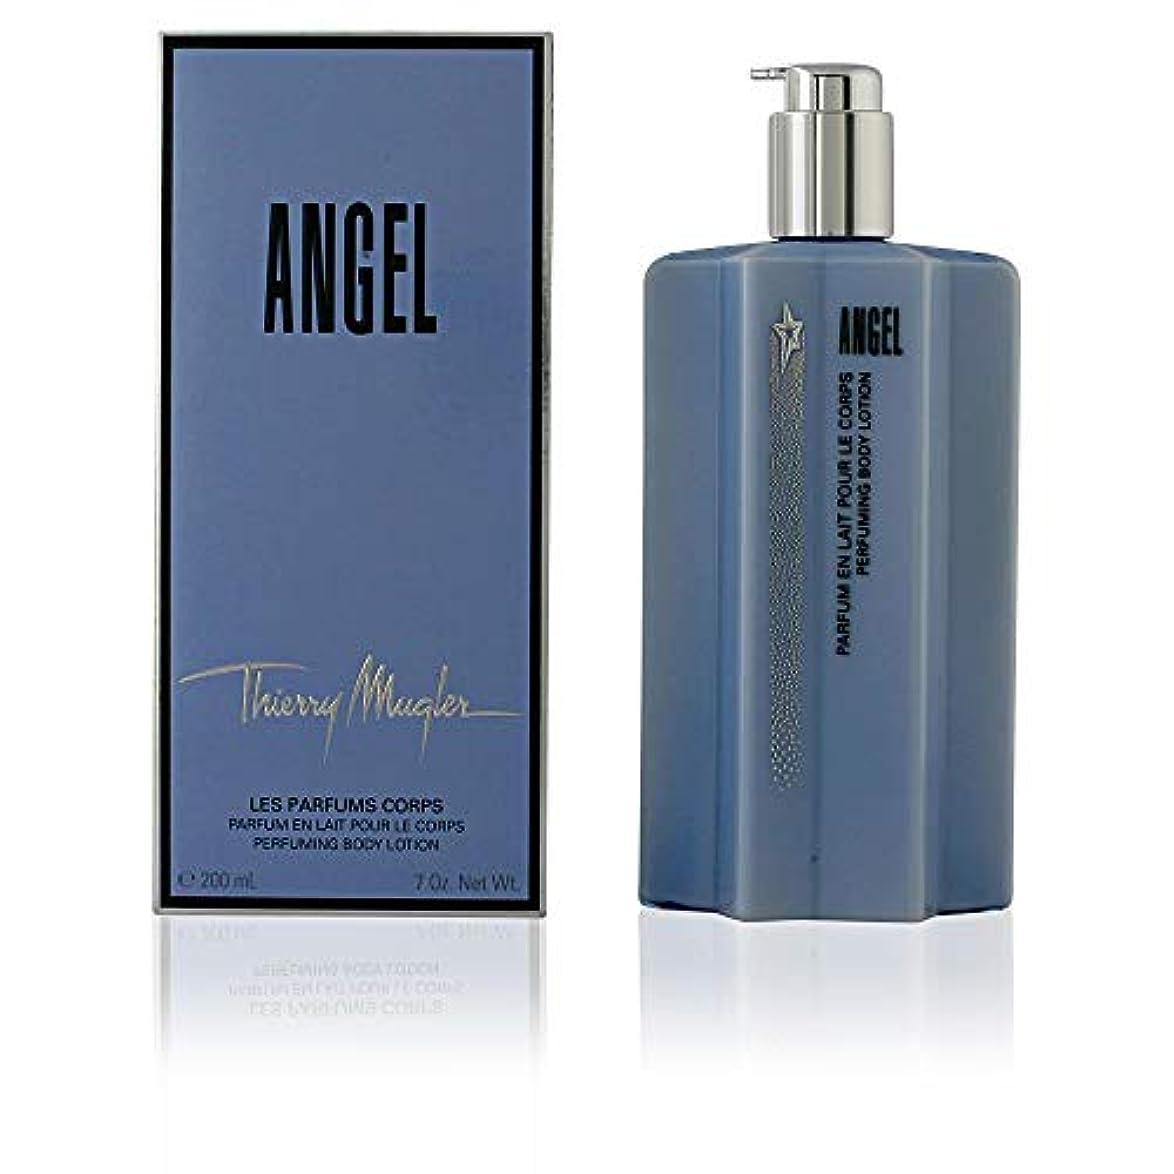 影響する吸収帰するThierry Mugler Angel Body Lotion 200 ml